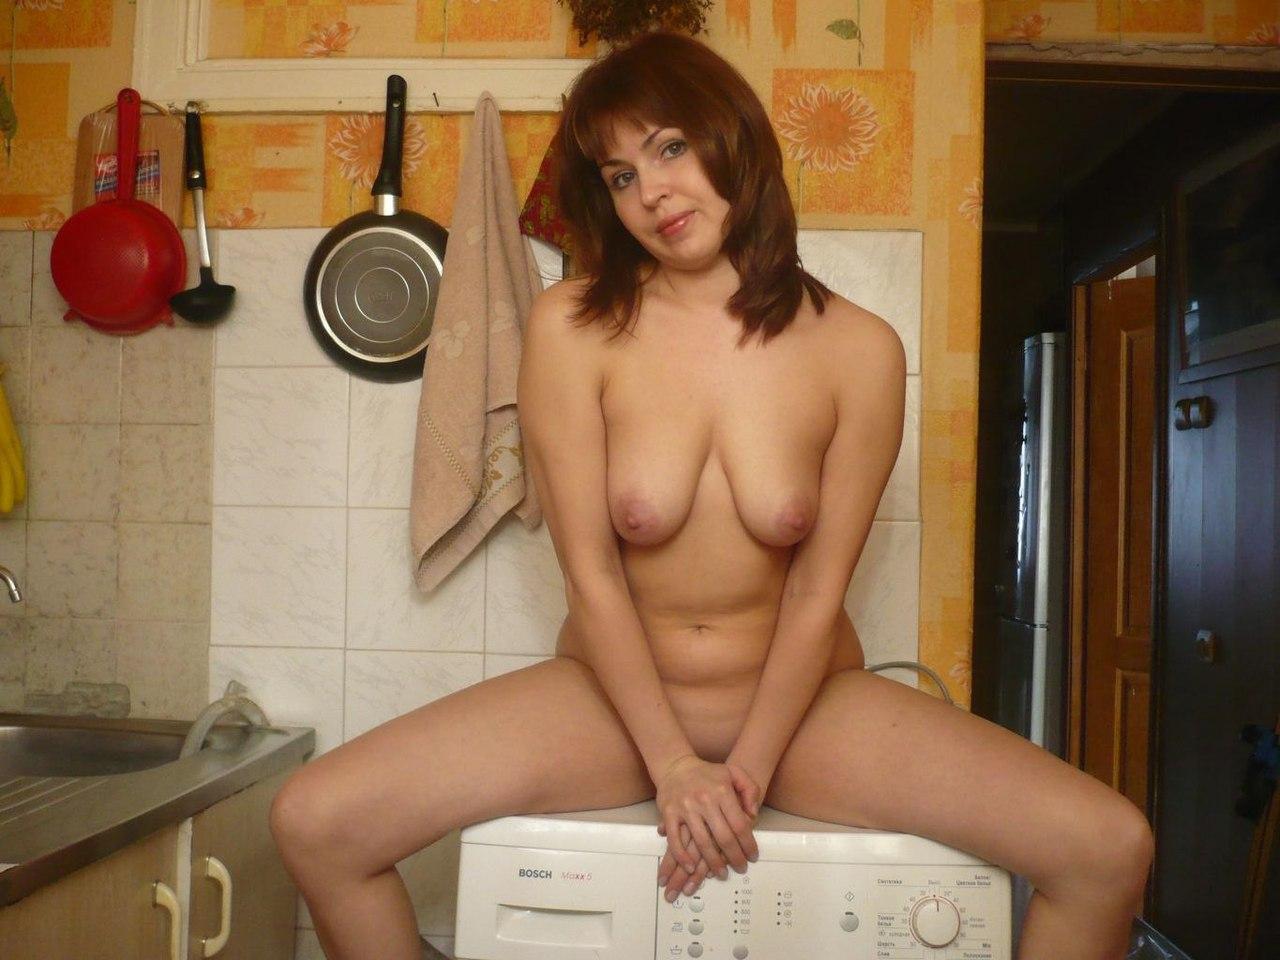 жена дома голая смотреть онлайн - 14